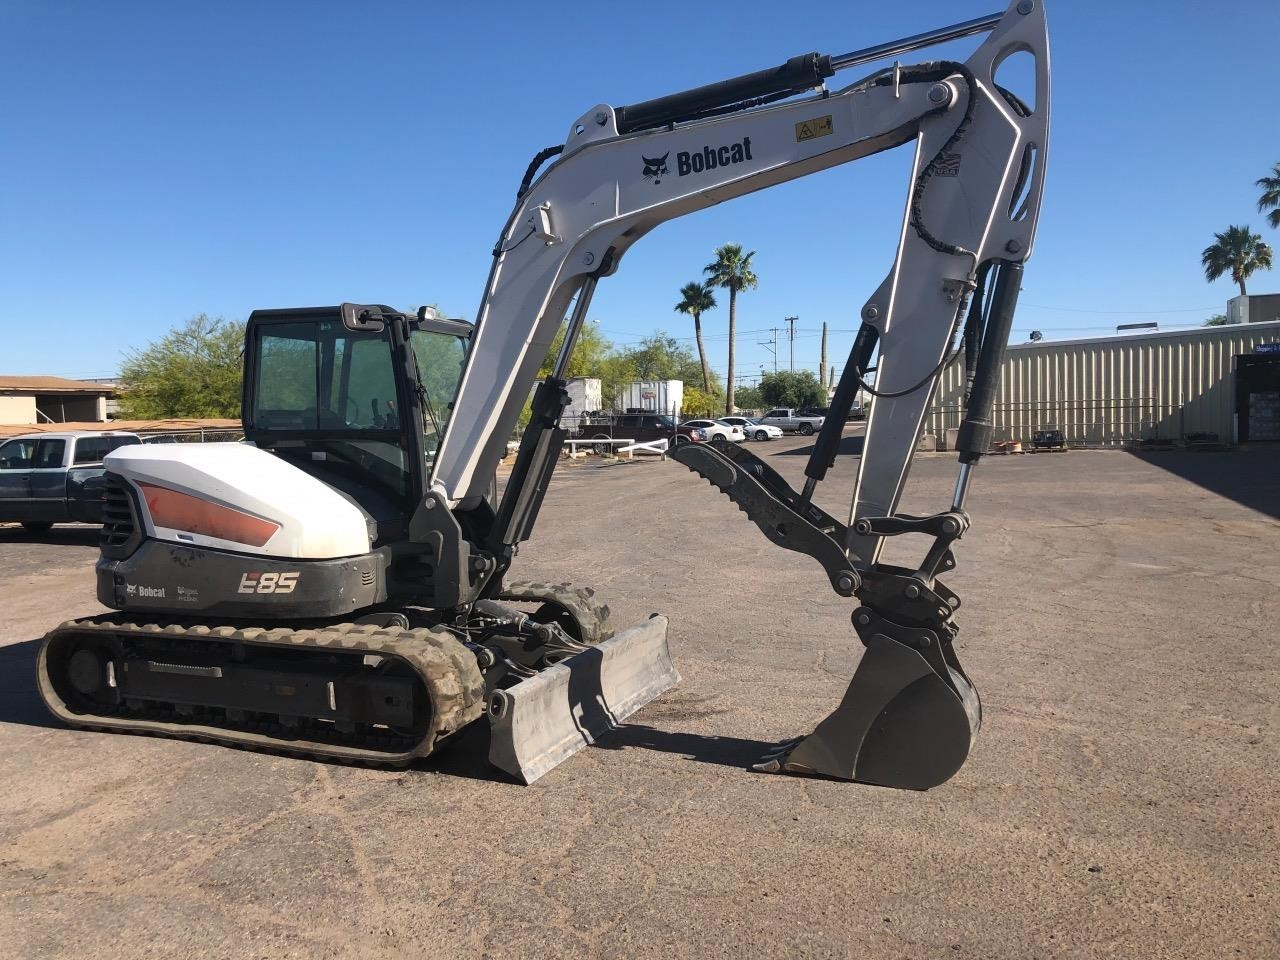 2019 Bobcat E85M Excavators and Mini Excavator